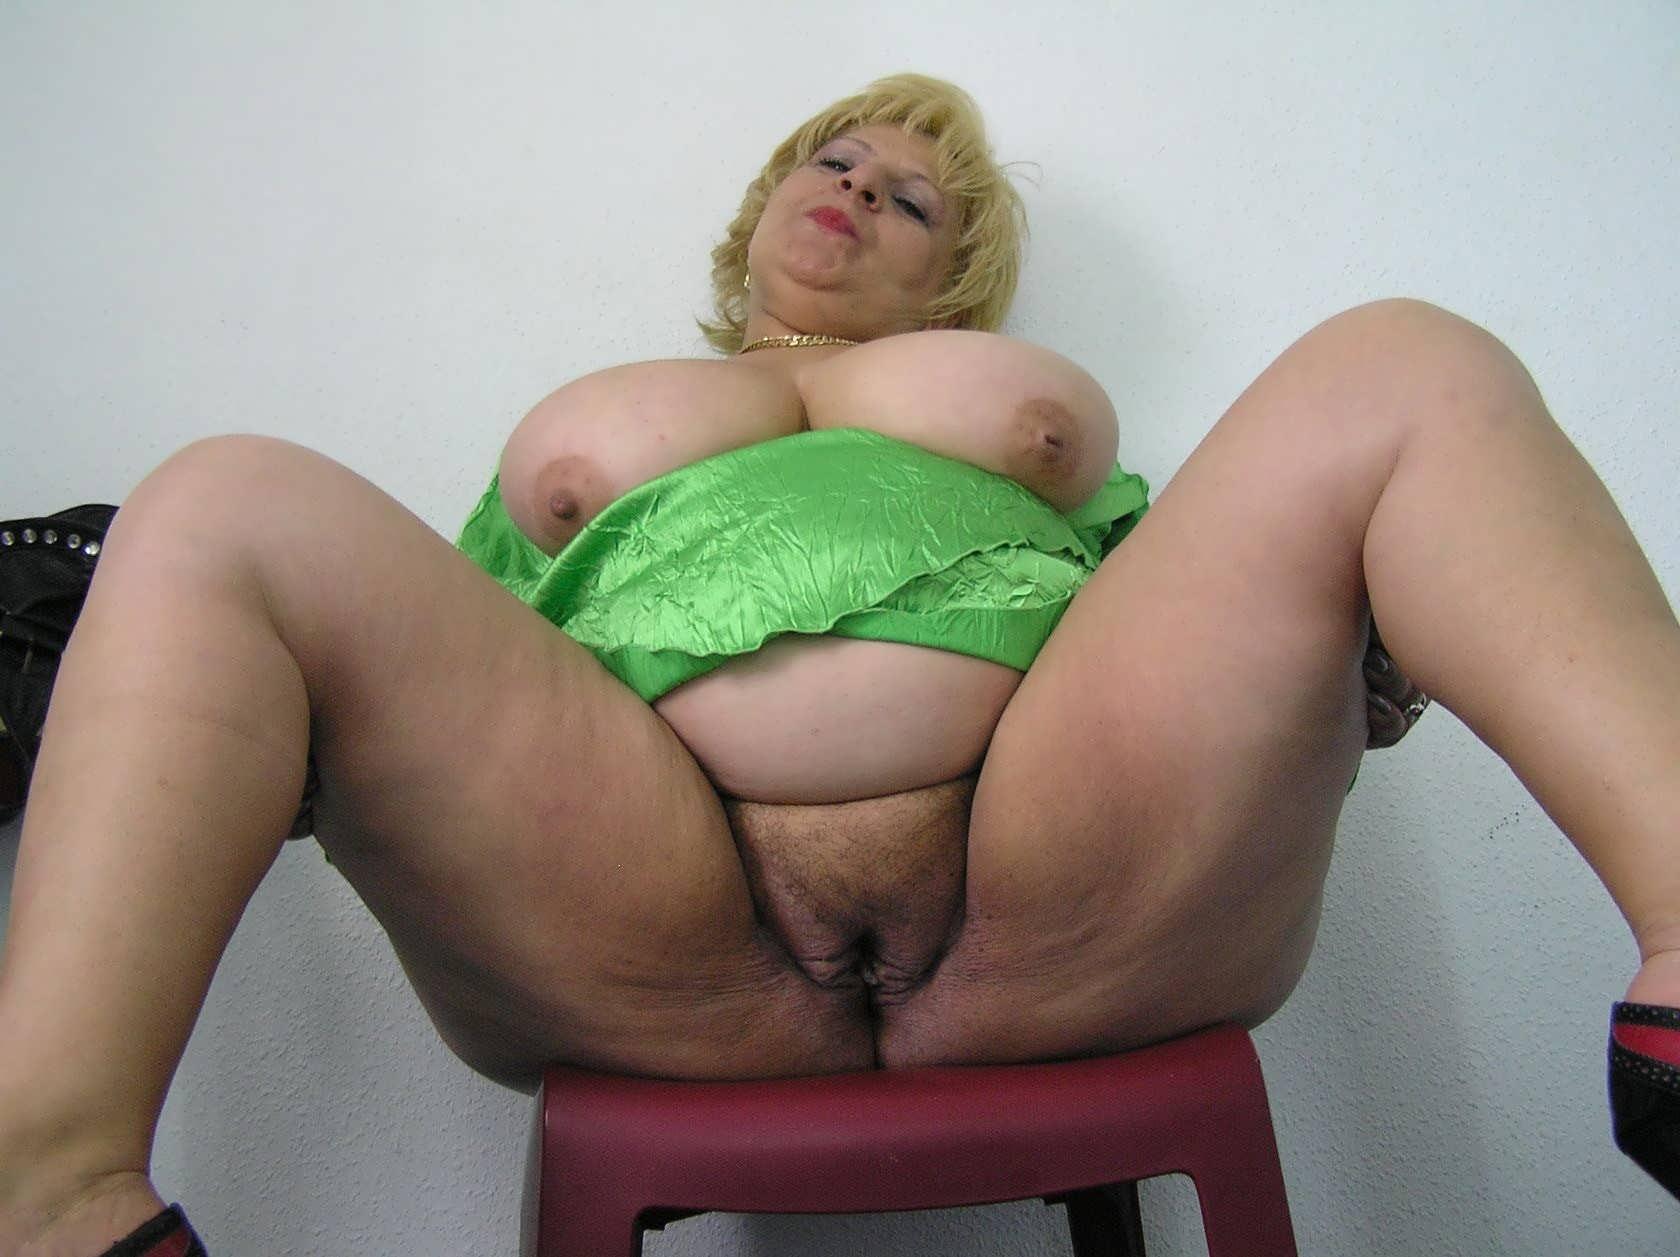 огромные самые видео порно голые тётки сирьки